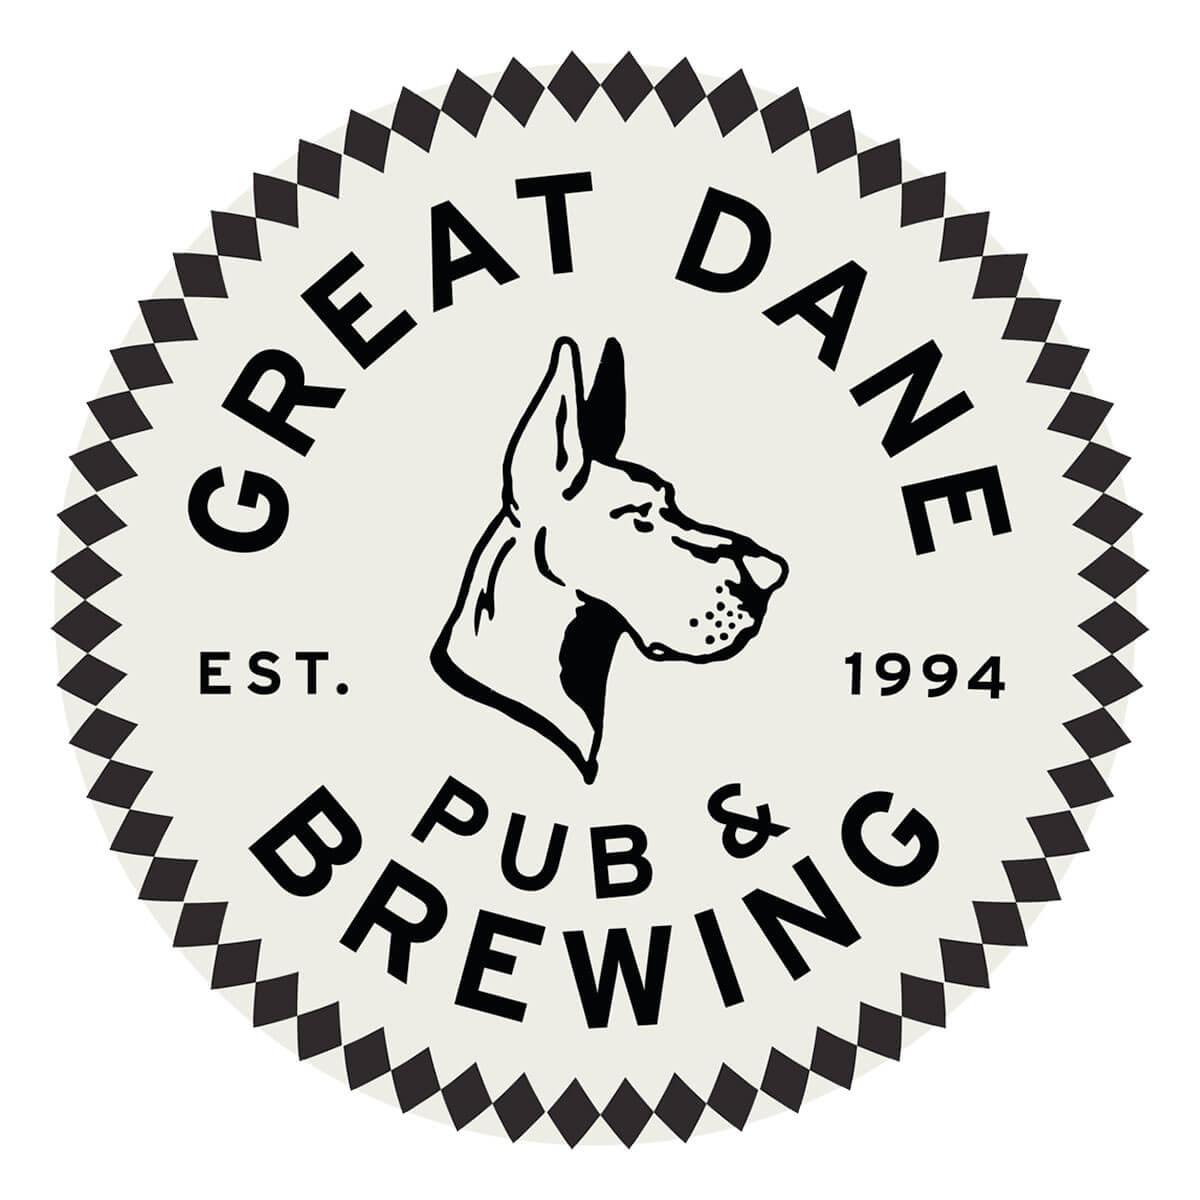 Great Dane Pub & Brewing Company Logo